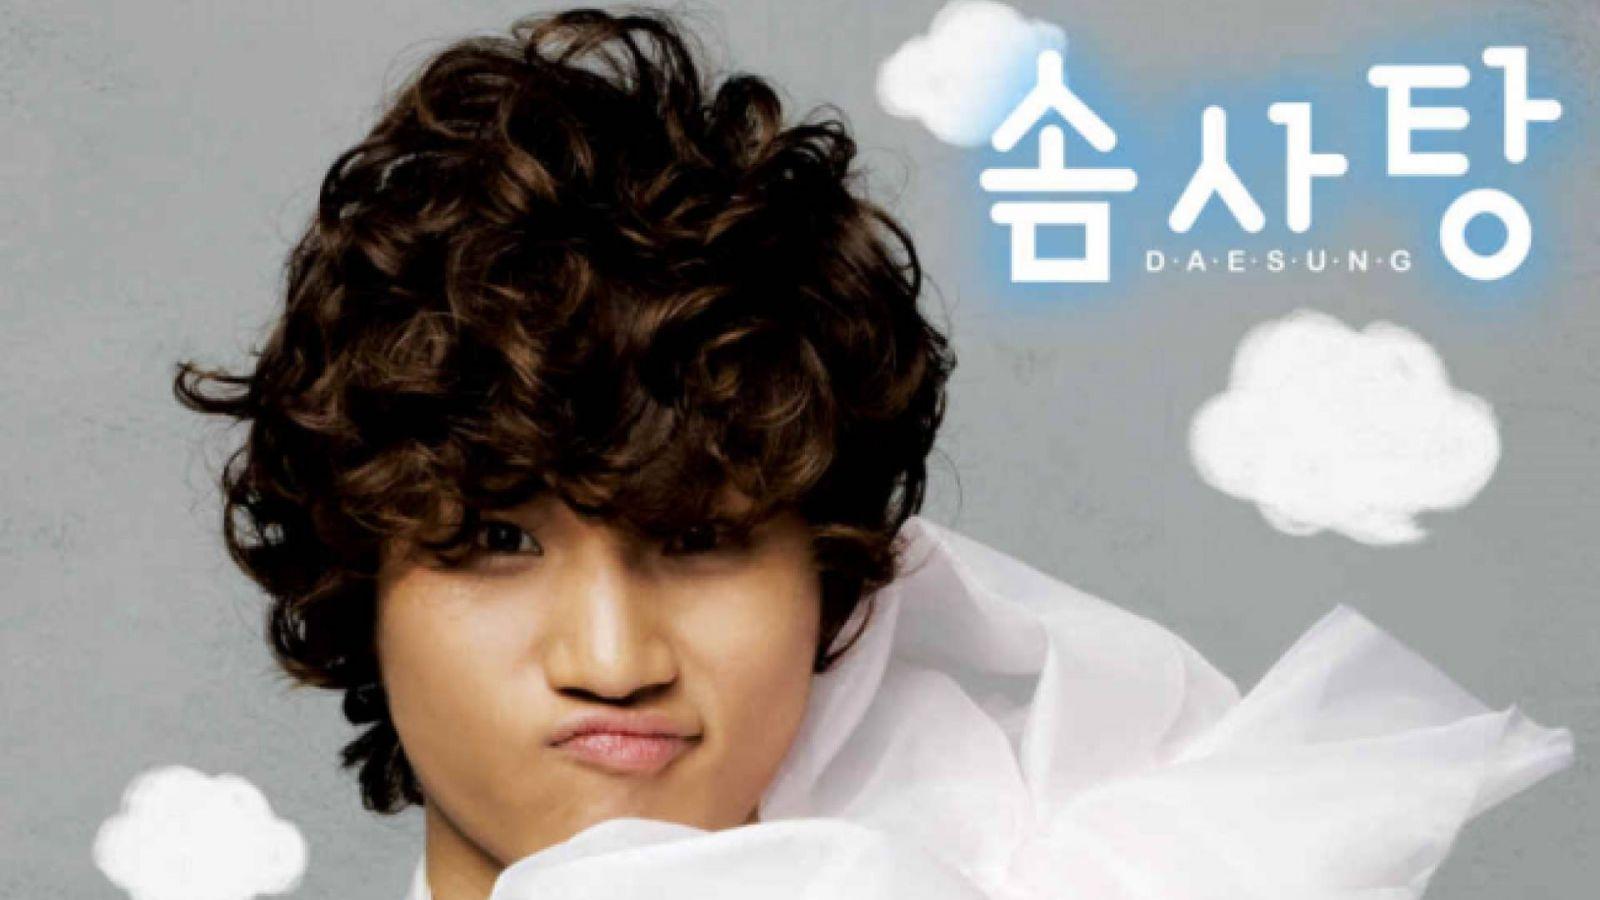 Daesung arrête toute activité jusqu'à la fin de l'année © YG Entertainment